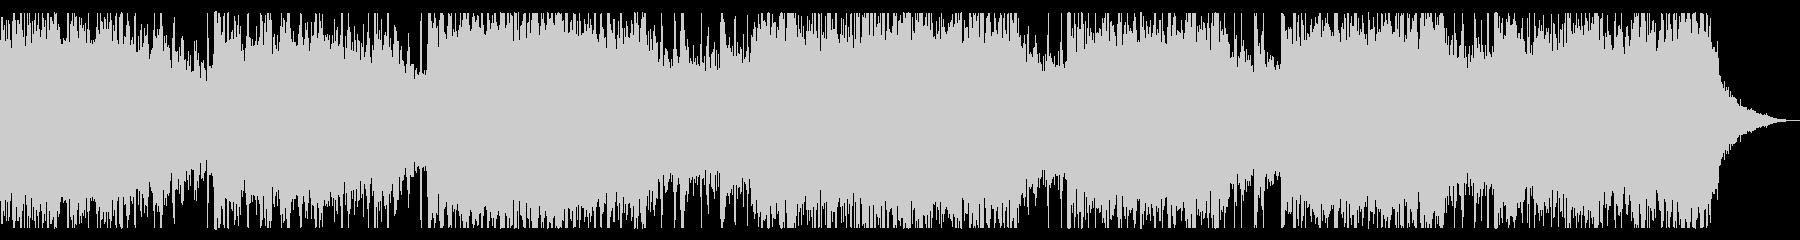 パーカッション入りミステリアスなBGMの未再生の波形